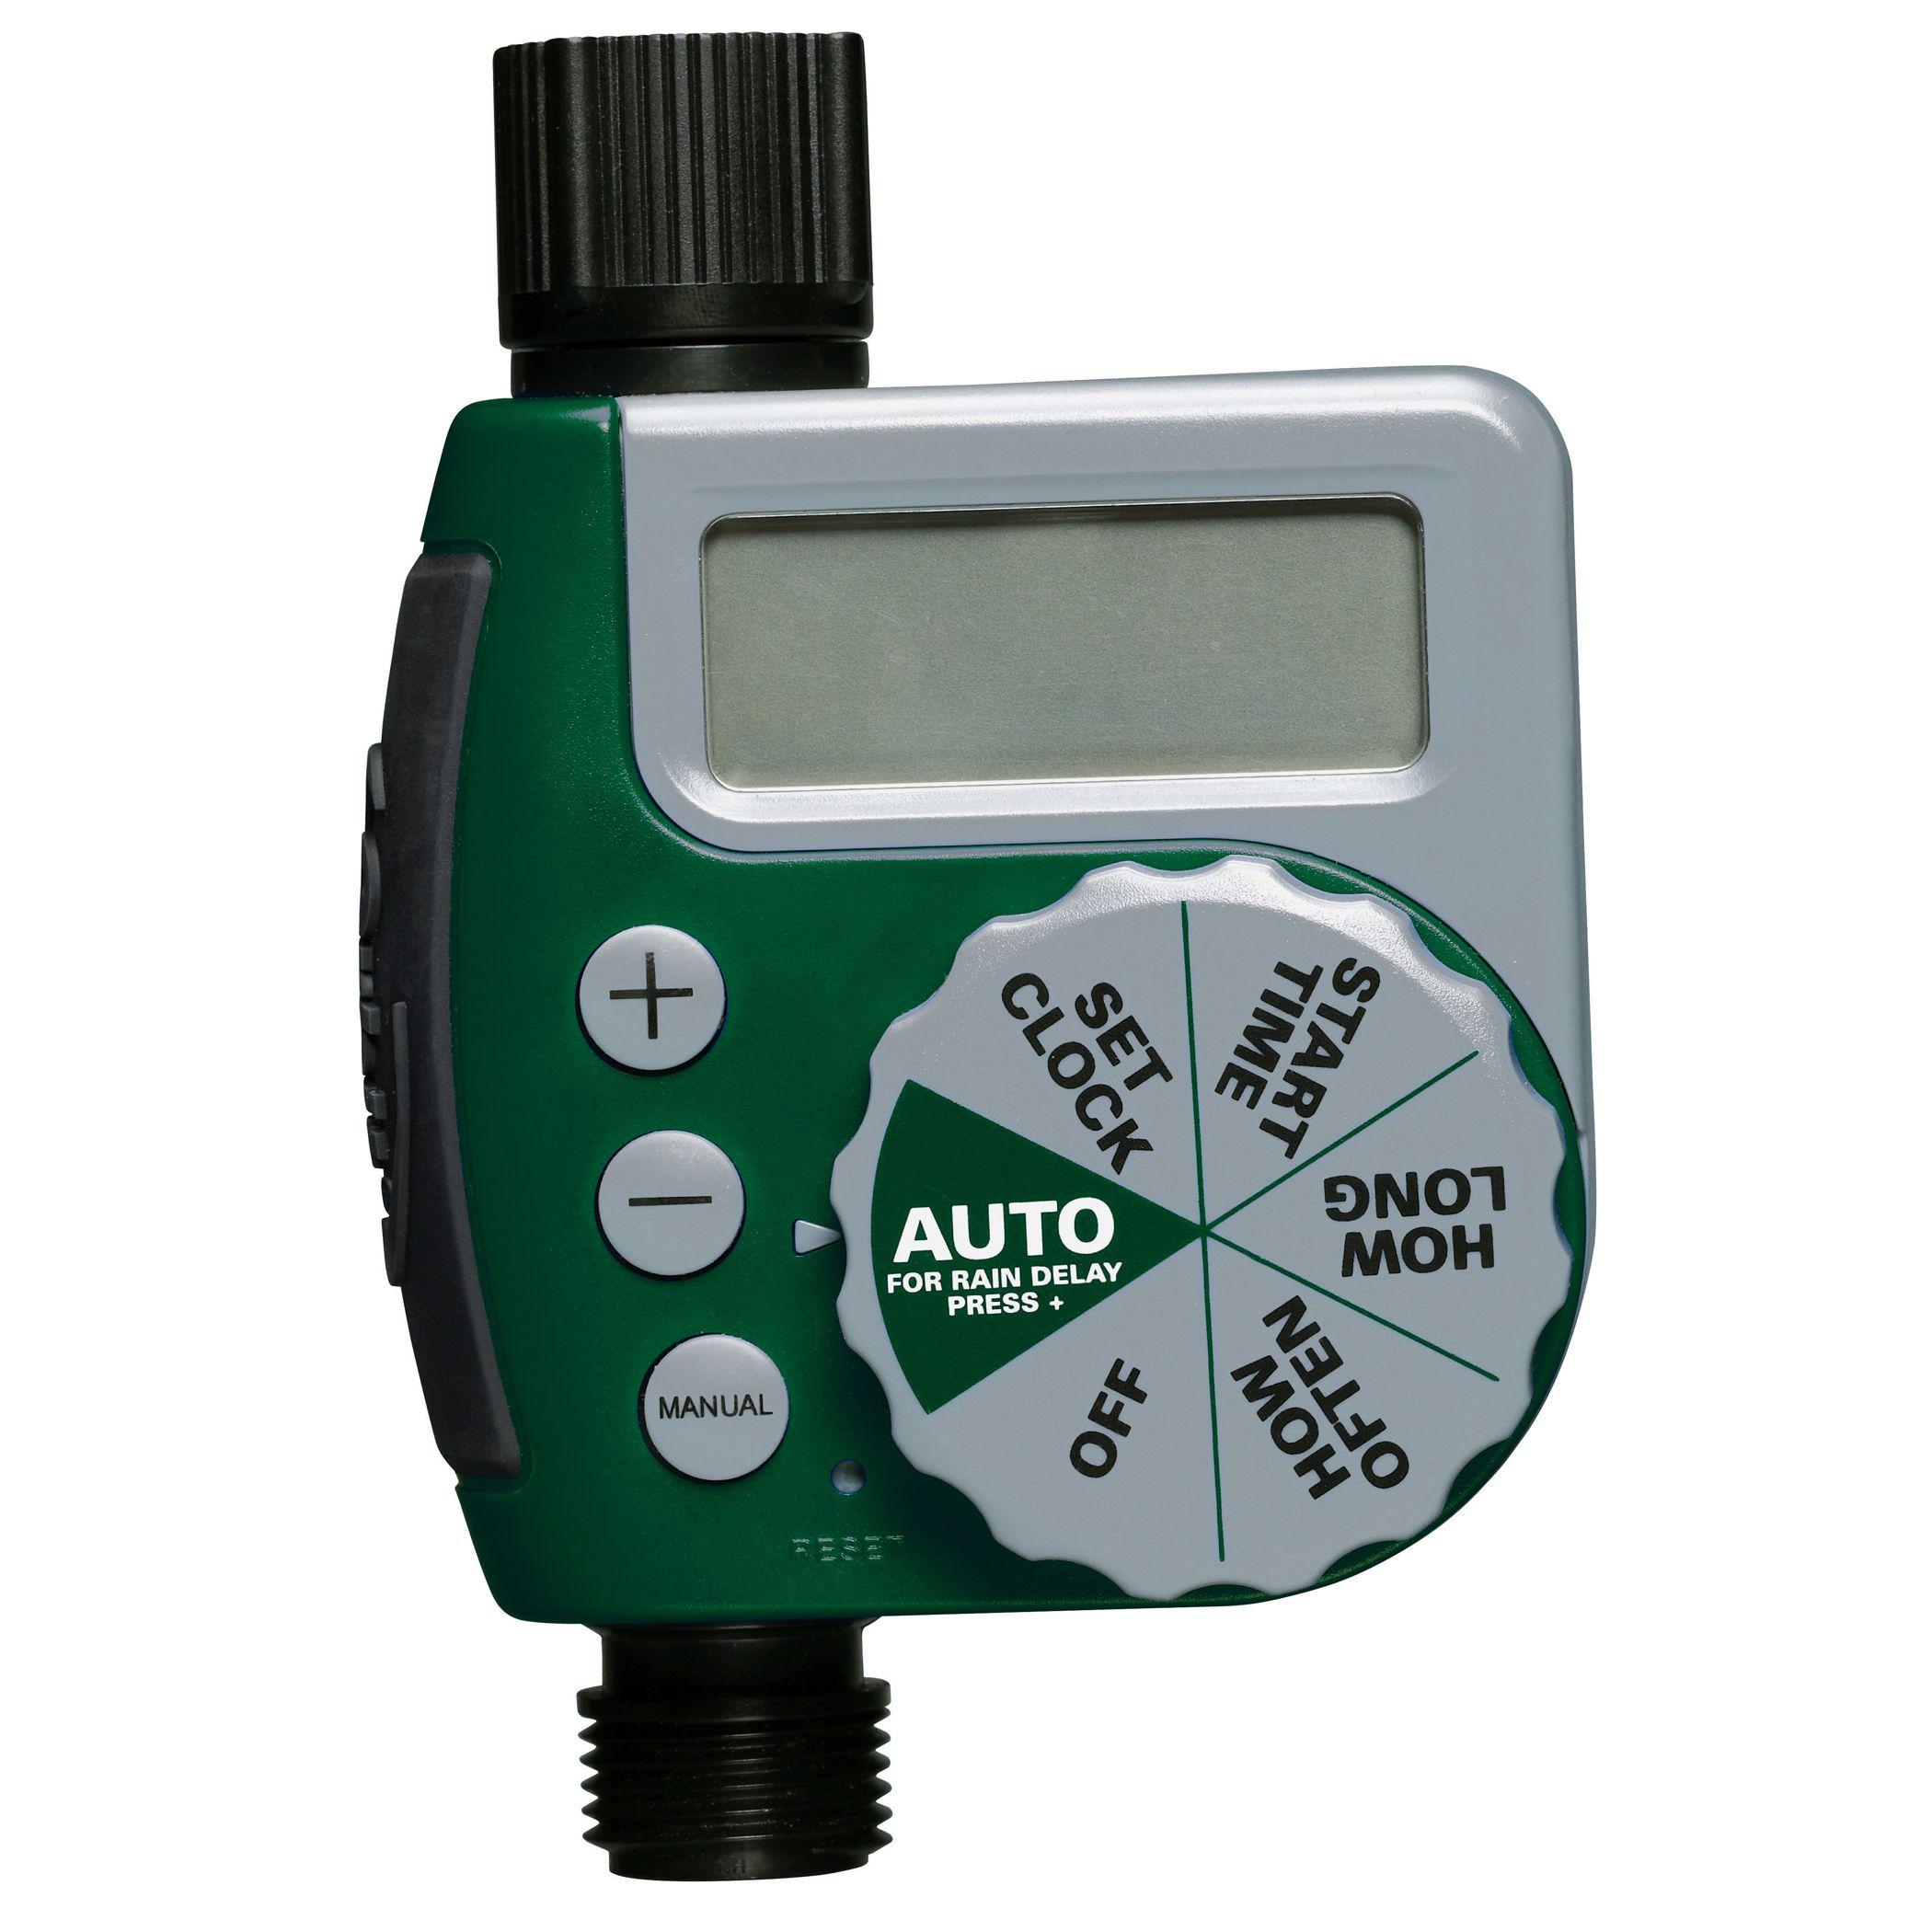 Wonderful Hose Timer Automate Any Sprinkler With Orbits Garden Hose Digital Water  Timer